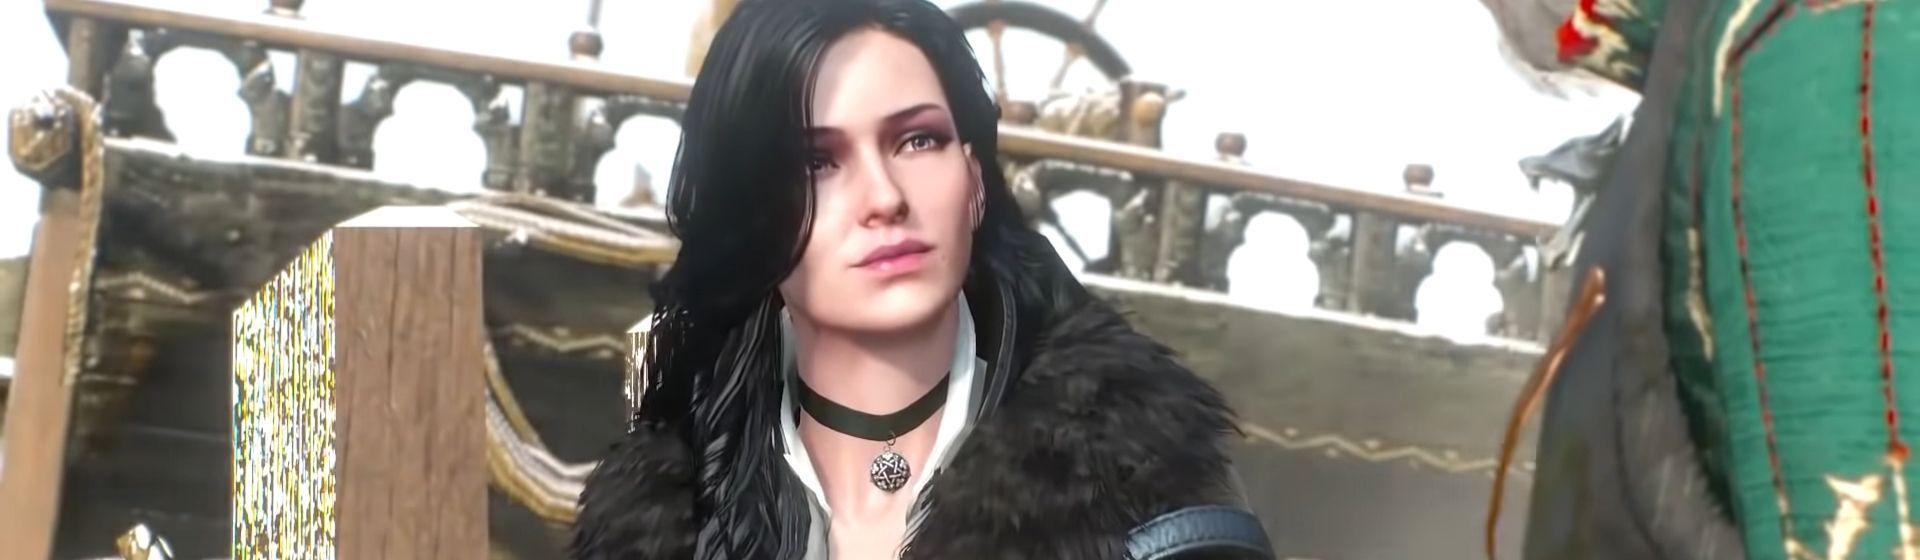 Yennefer de Vengerberg: conheça a poderosa feiticeira de The Witcher 3